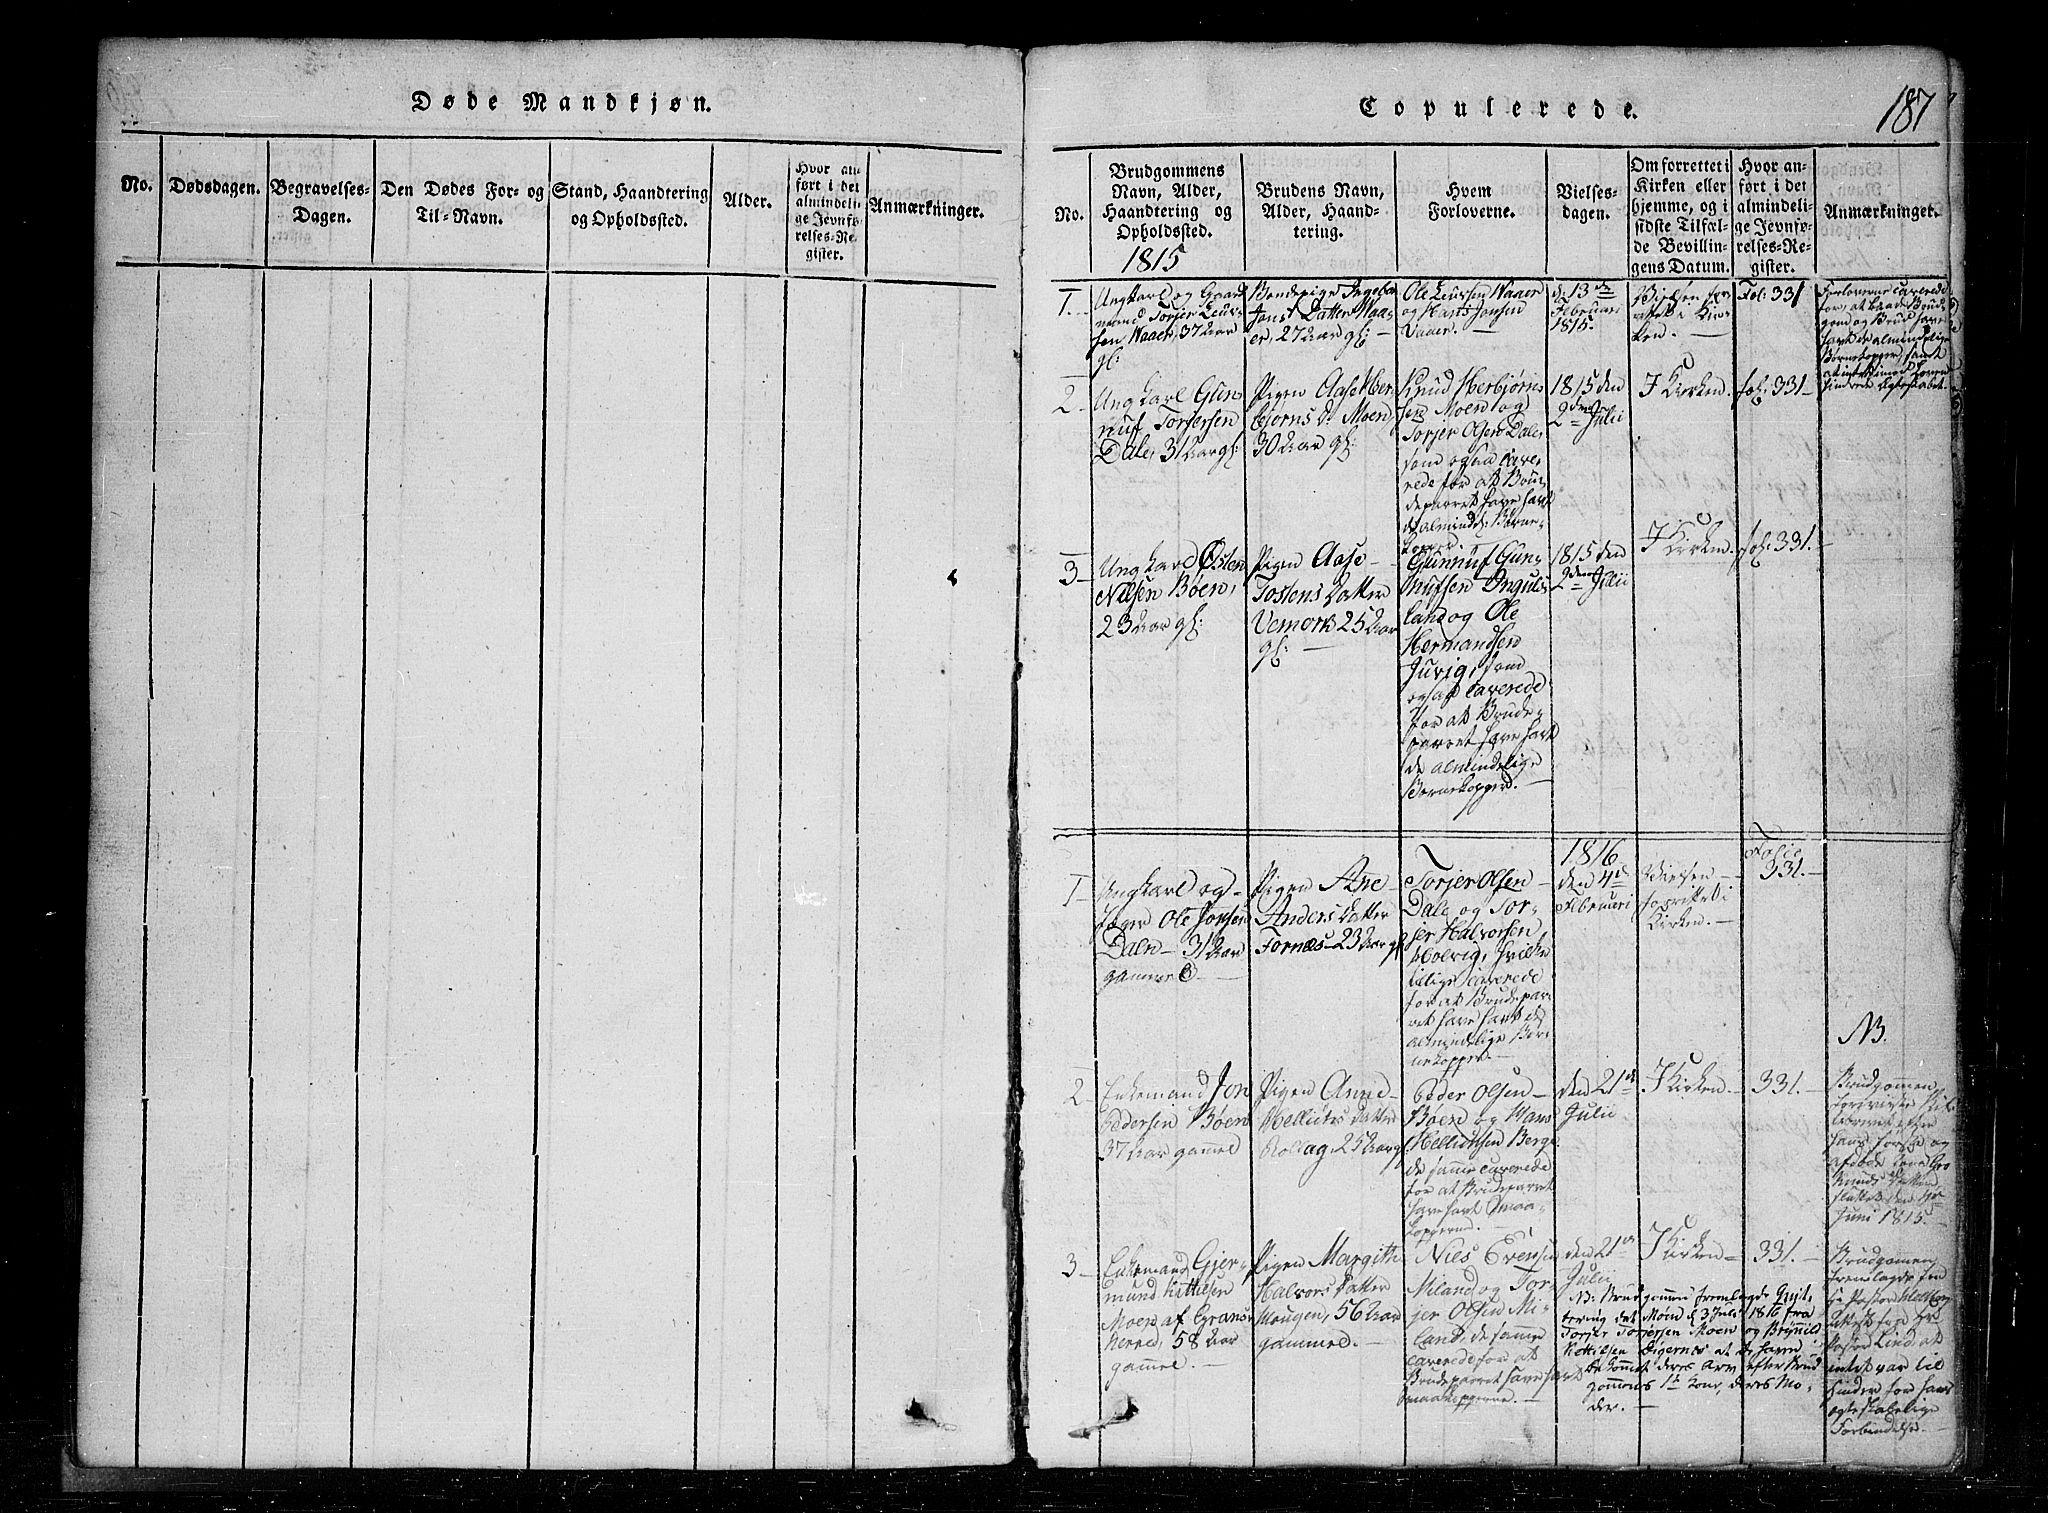 SAKO, Tinn kirkebøker, G/Gc/L0001: Klokkerbok nr. III 1, 1815-1879, s. 187